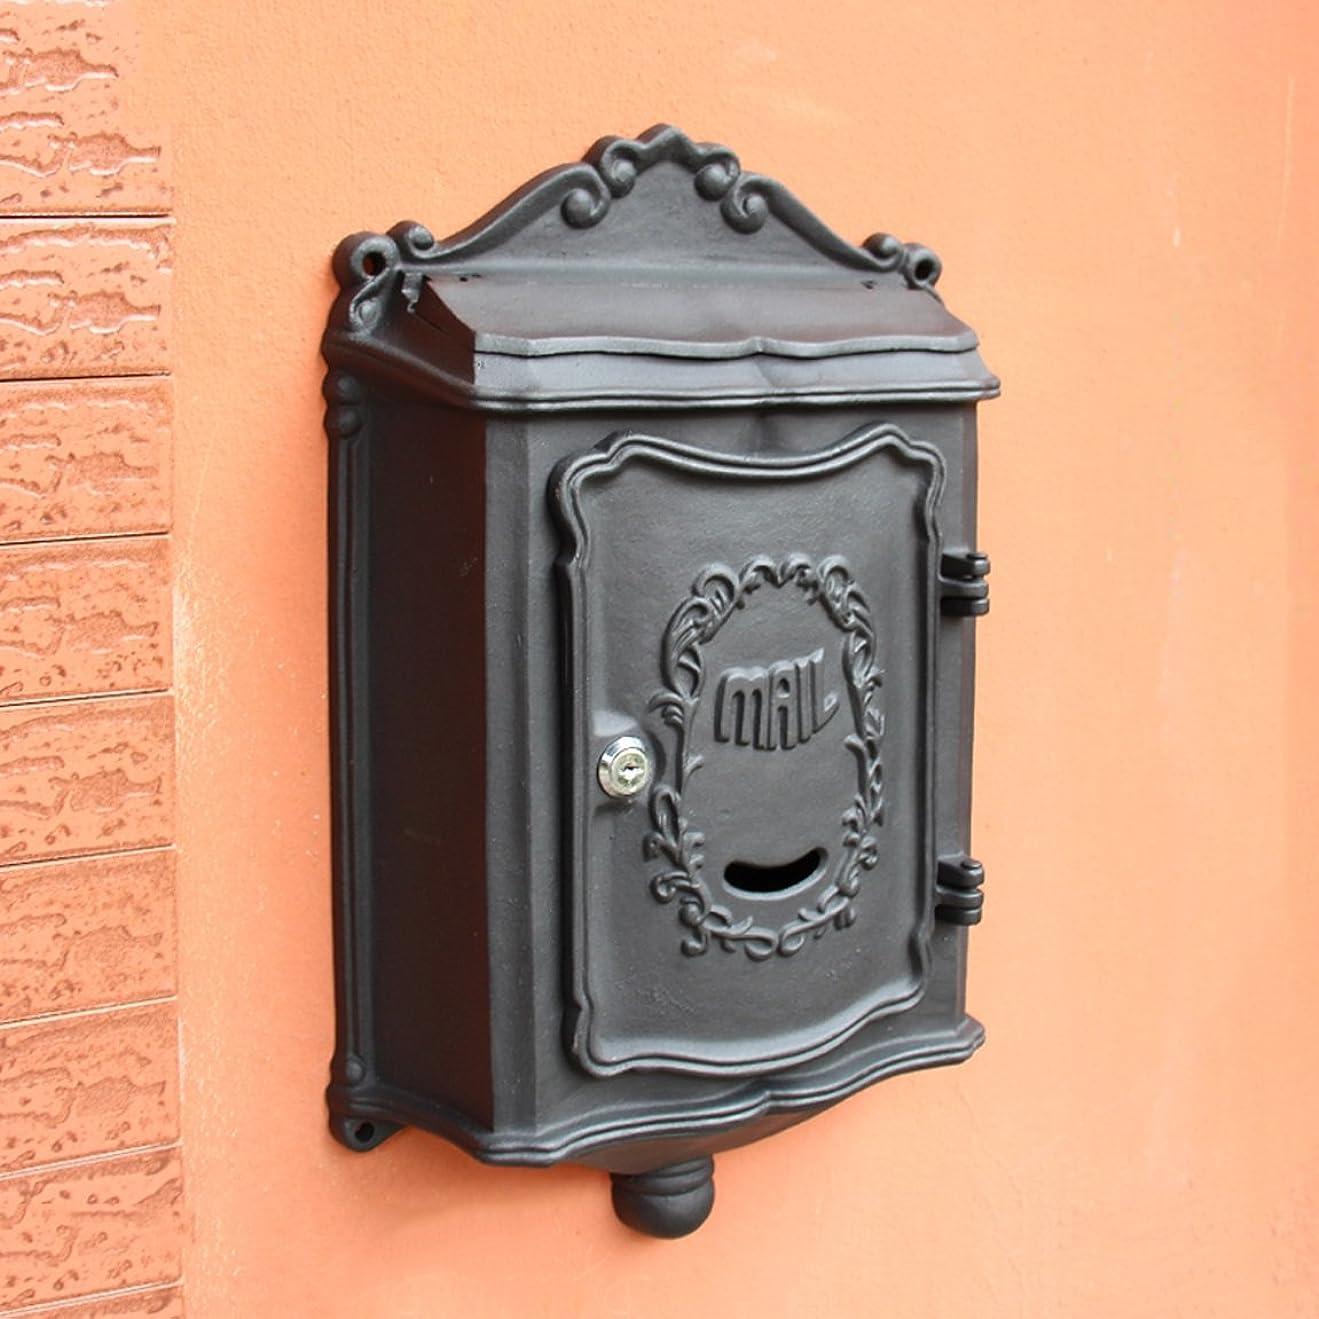 エッセンスご近所大きさTLMY ヴィラレターボックス屋外フロントパネル鋳造アルミニウムステンレス屋外の新聞のボックスの壁掛けヨーロッパのメールボックスのポストボックスの壁のビンテージ メールボックス